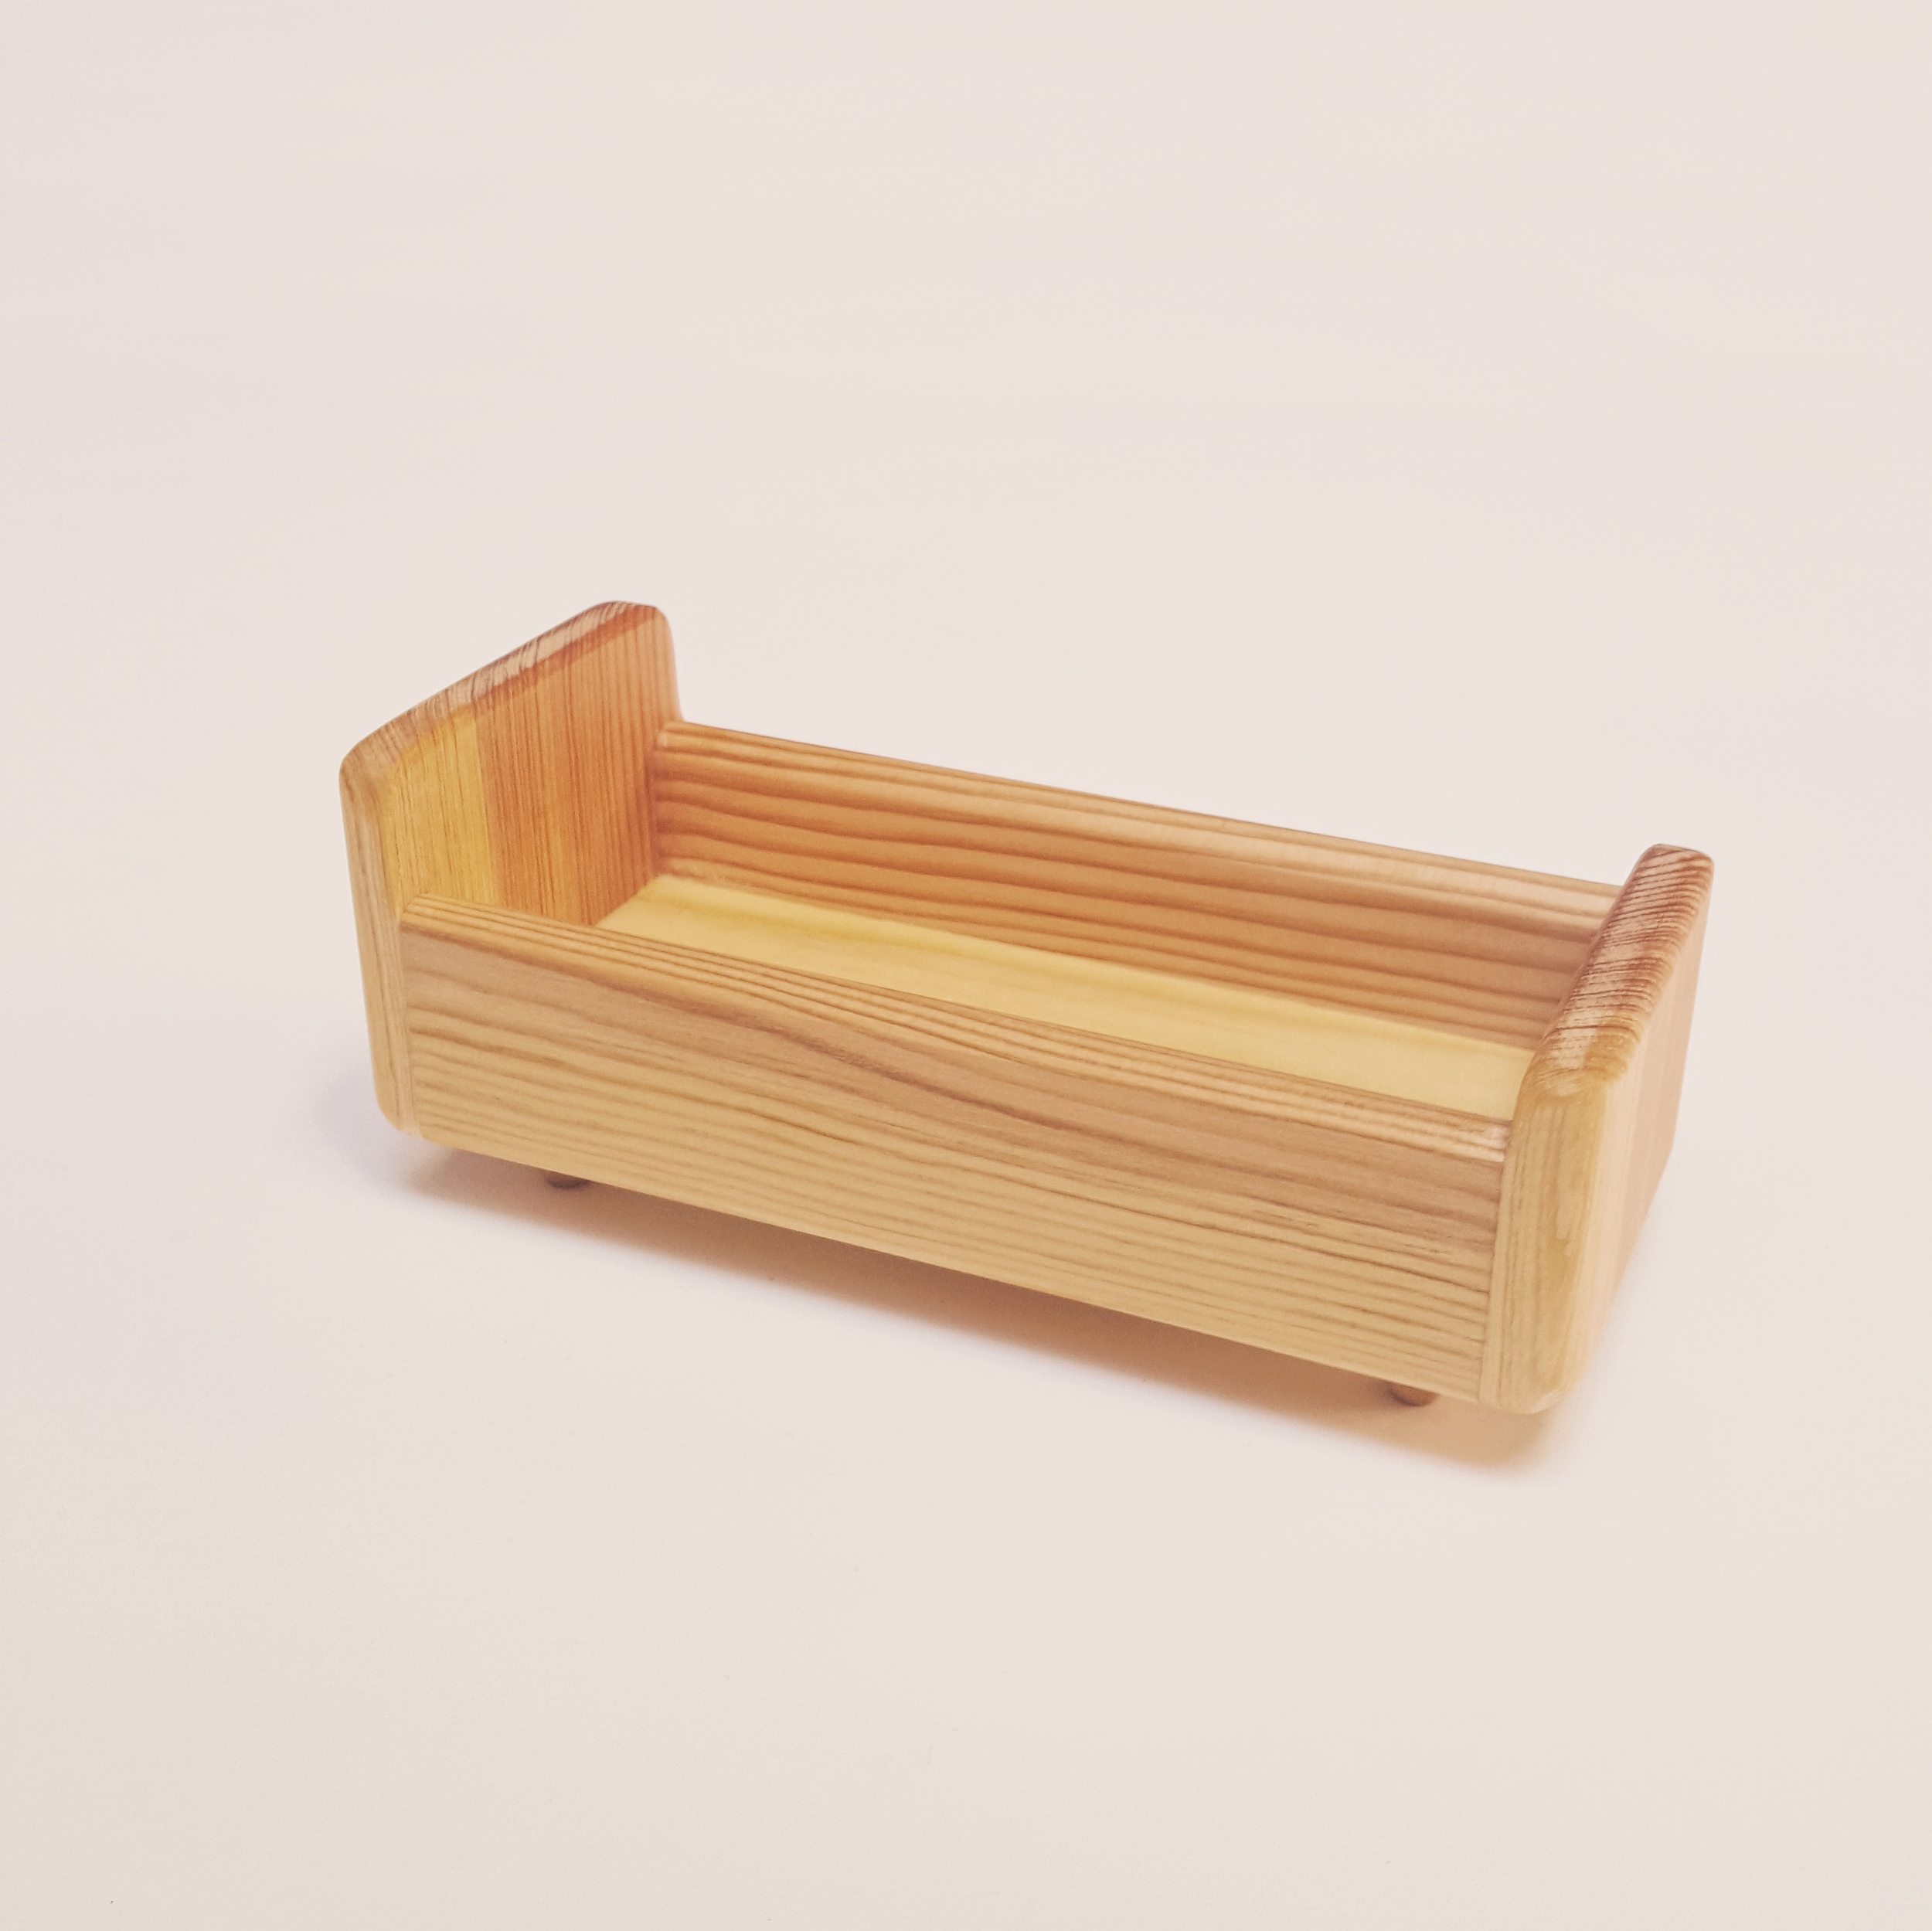 Lit de poupée miniature en bois